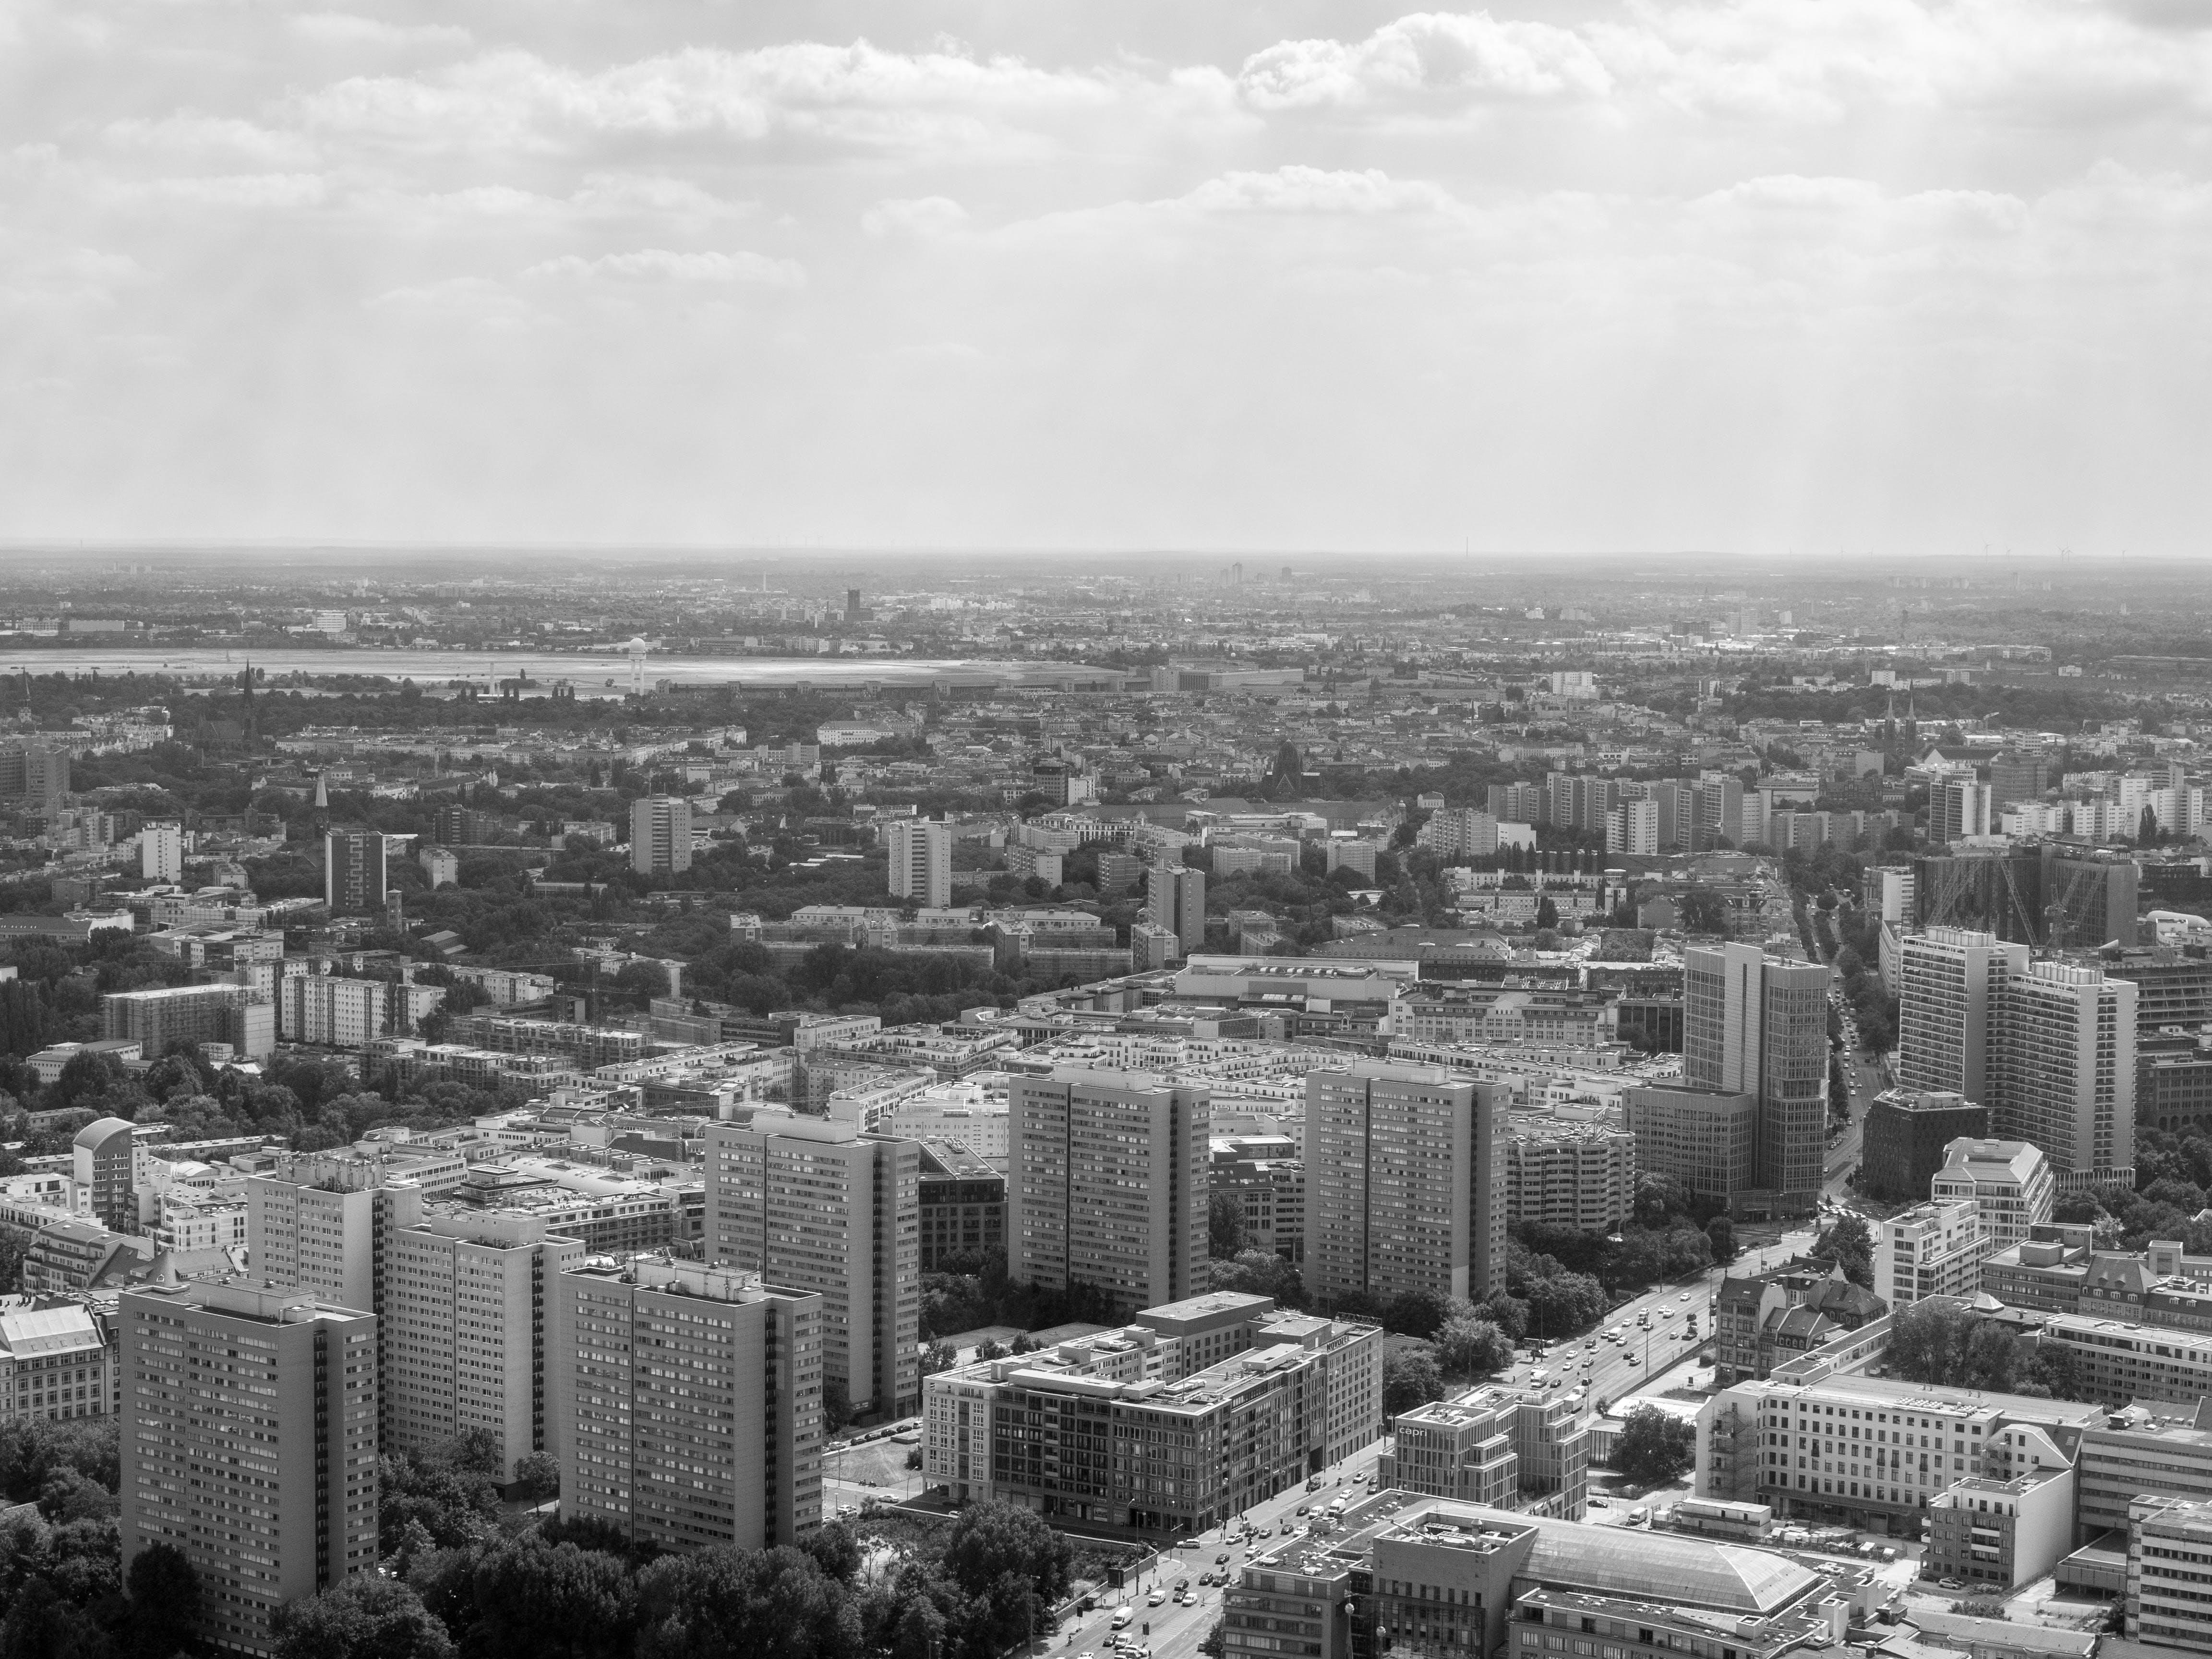 Δωρεάν στοκ φωτογραφιών με Alexanderplatz, ασπρόμαυρο, Βερολίνο, ουρανοξύστης